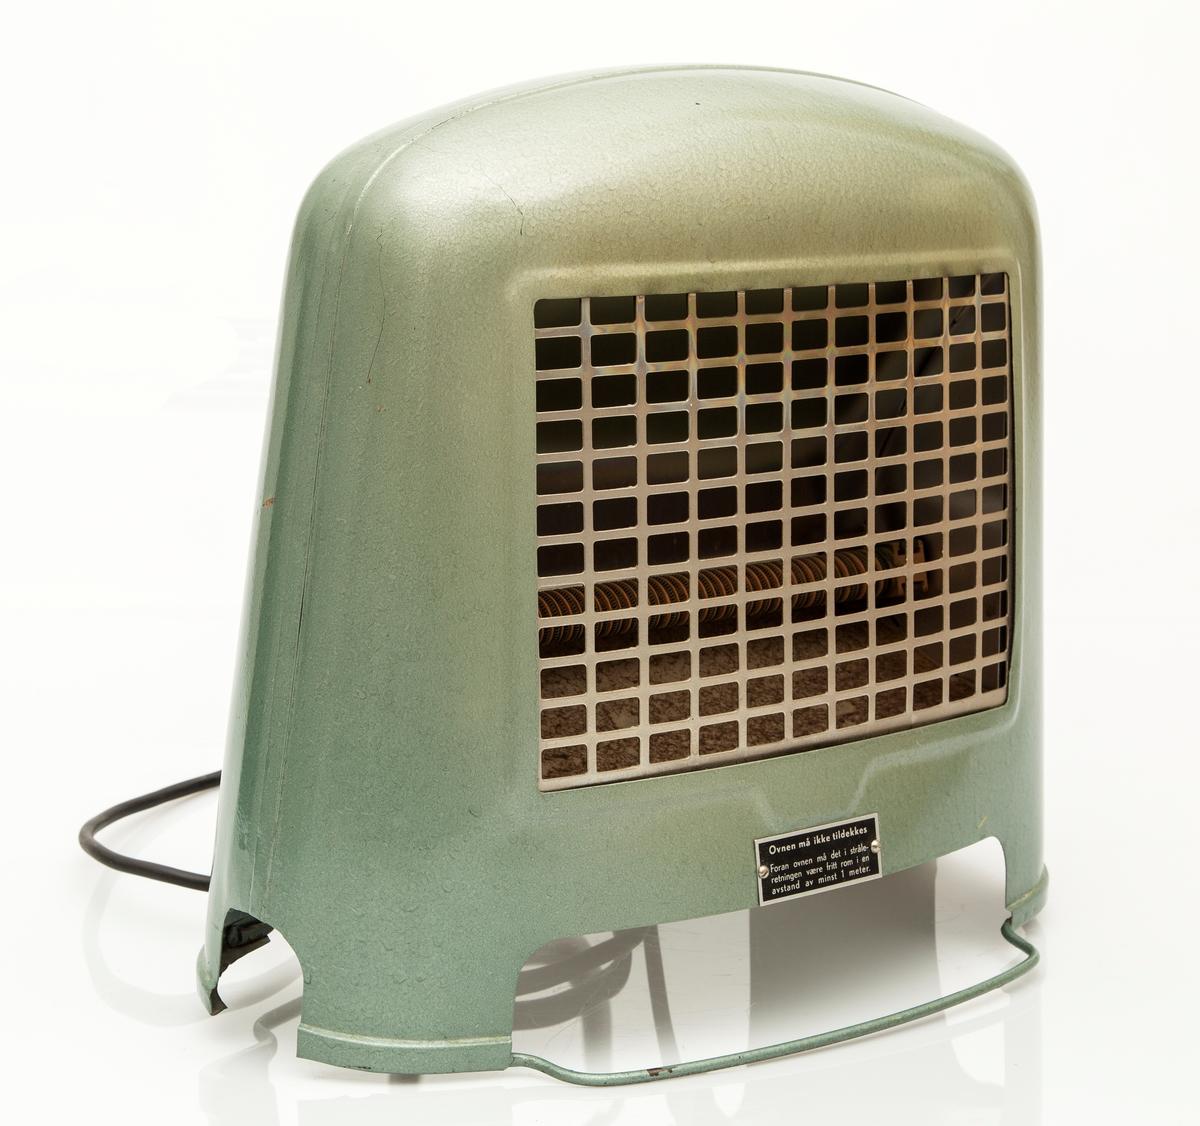 Elektrisk gulvovn. Grønnlakkert, varmesprinkler i front.